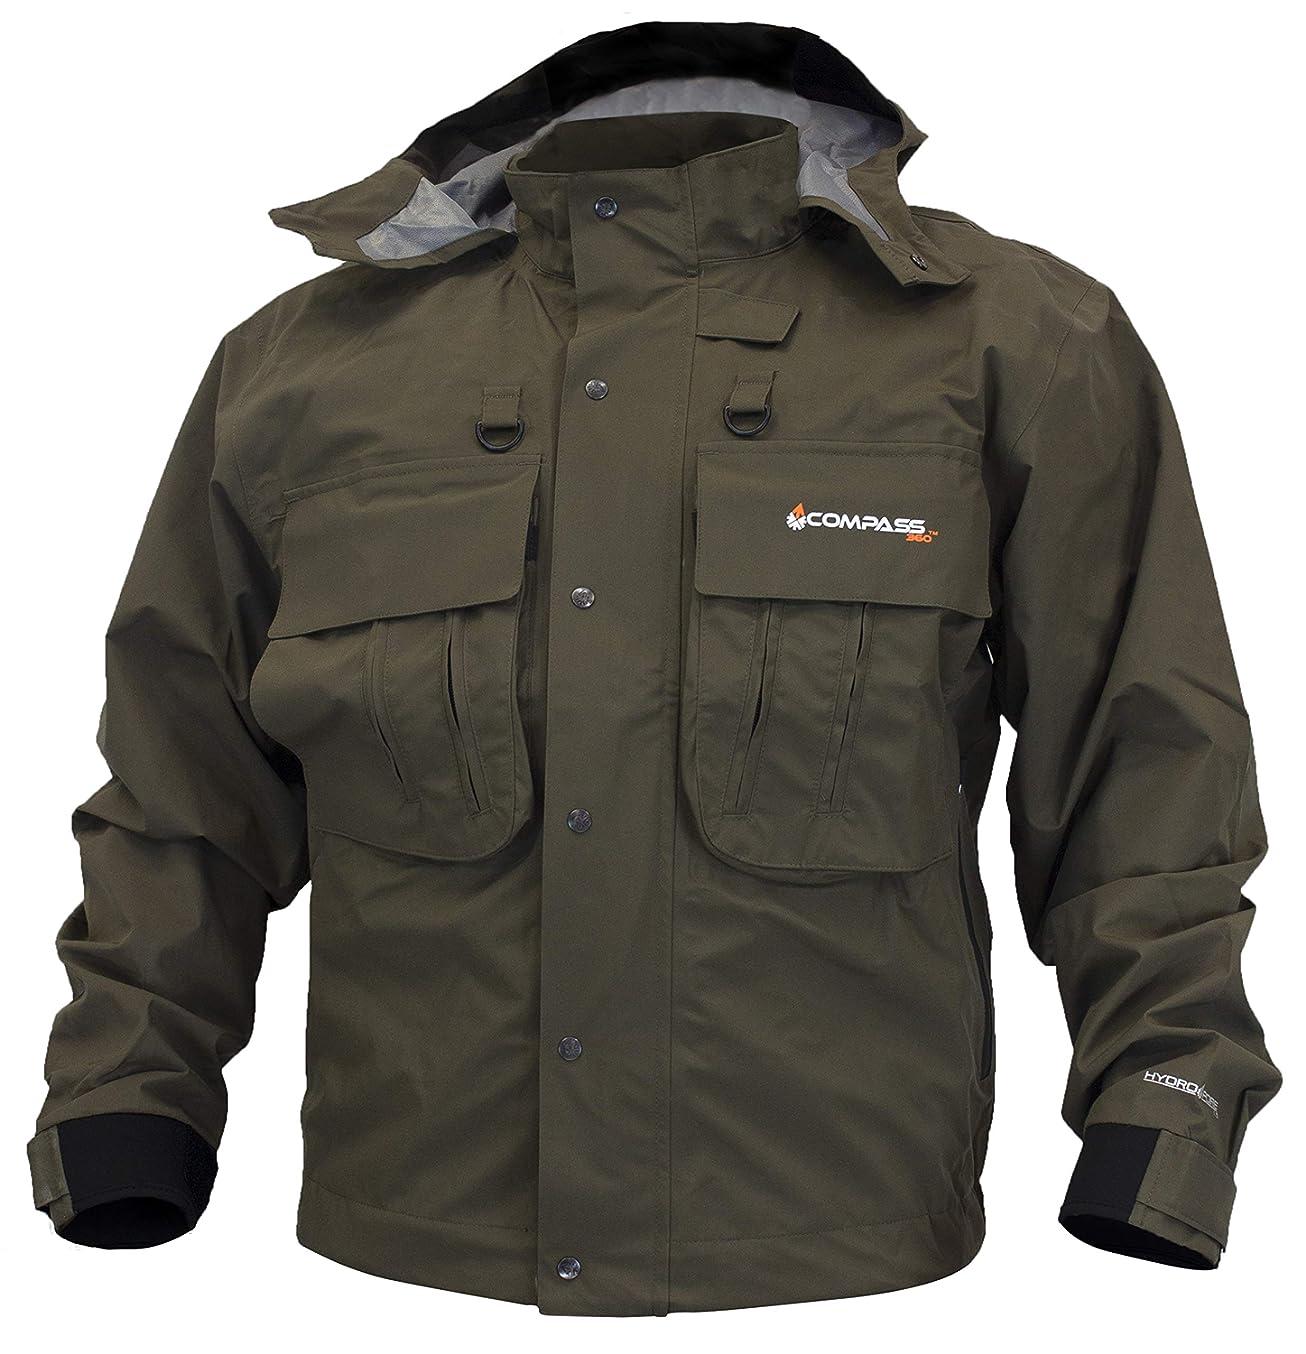 ht23105 – 85-xl HellsゲートWadingジャケット、ストーン、Xラージ   B01H49SPB0